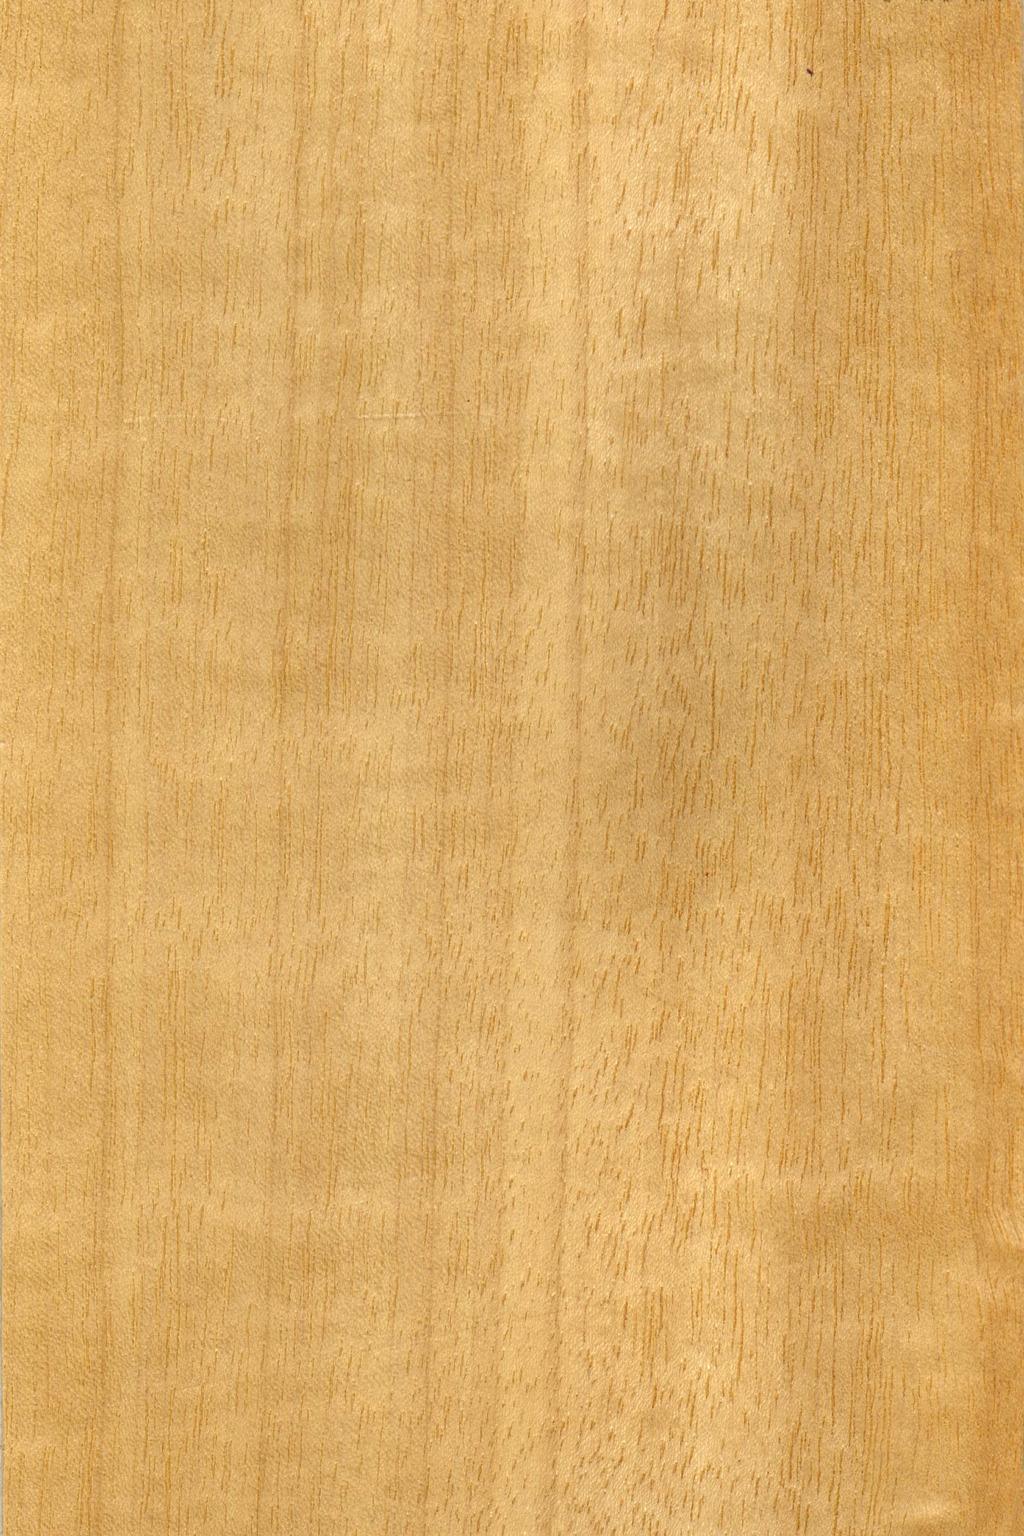 木纹贴图素材图片下载